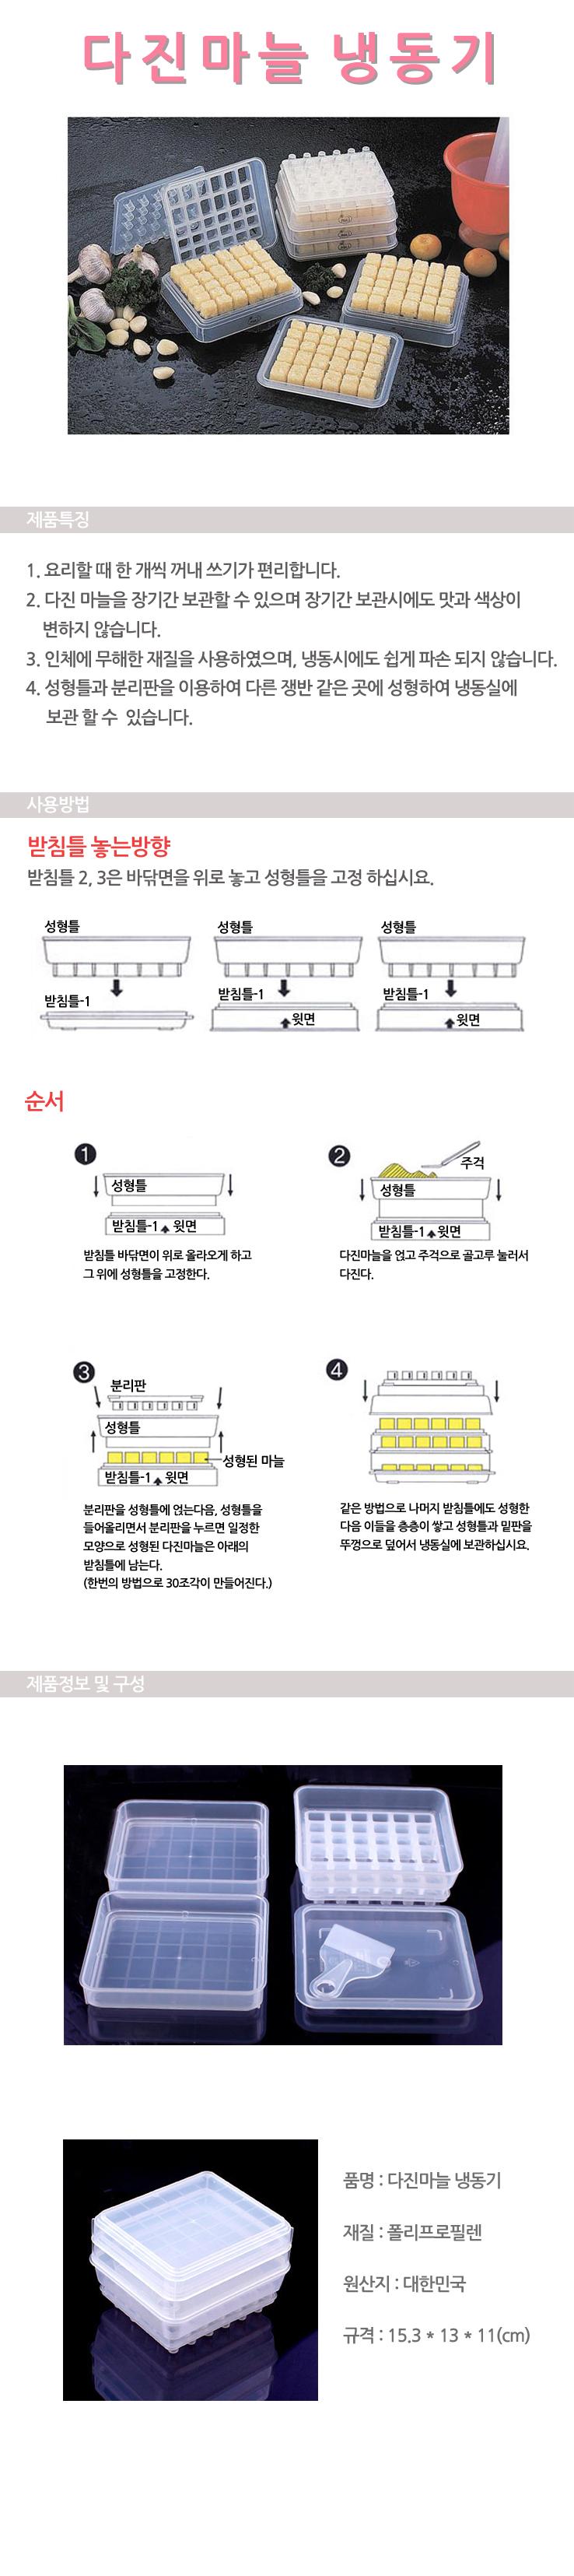 다진마늘 냉동기 2p - 구멍가게, 9,900원, 밀폐/보관용기, 양념통/오일통